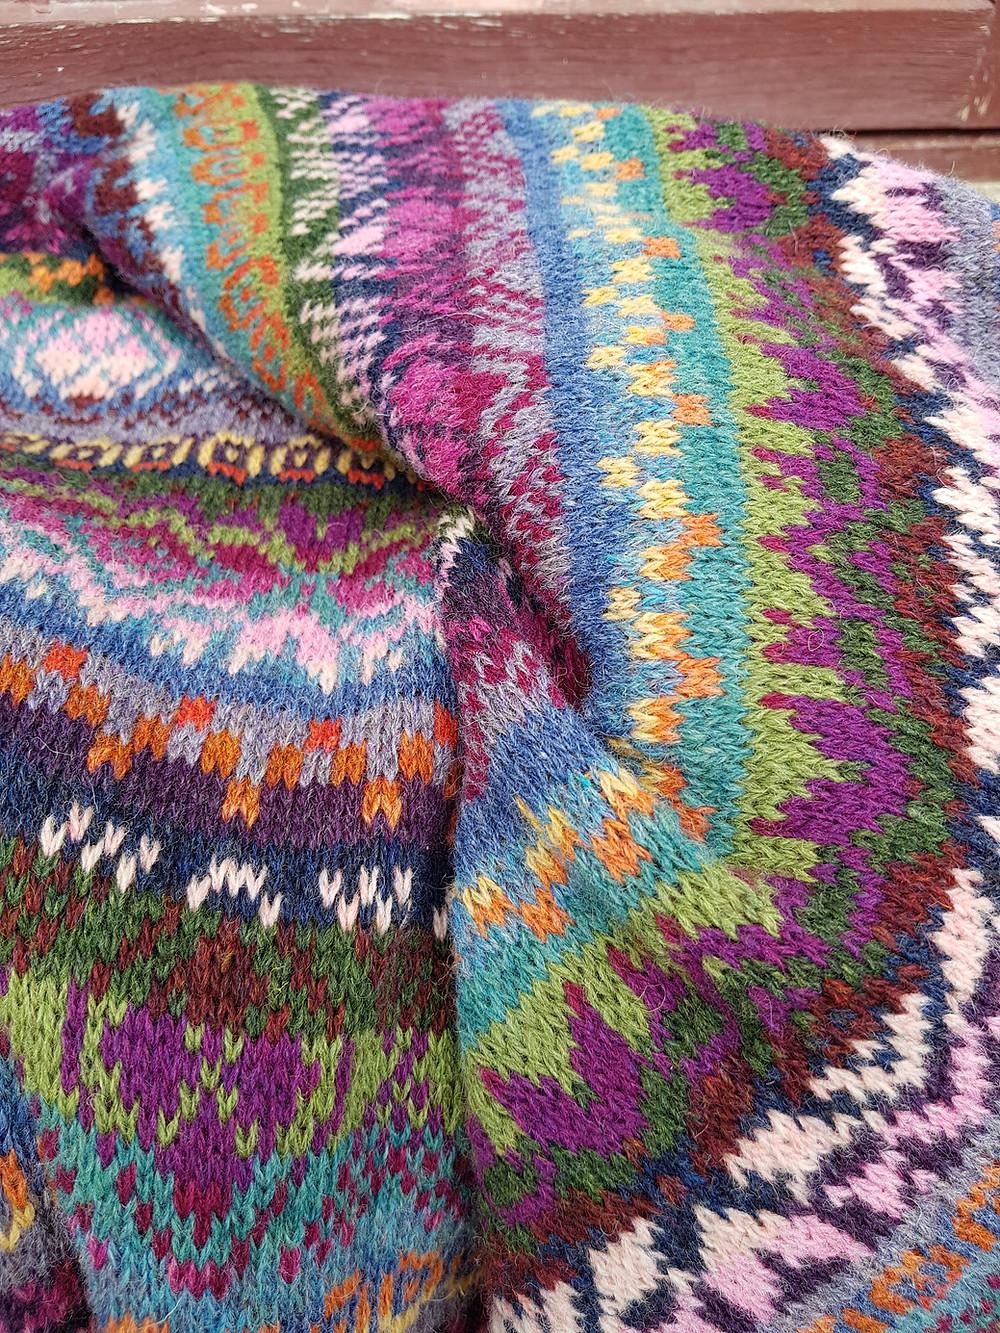 Knitted fair isle shawl